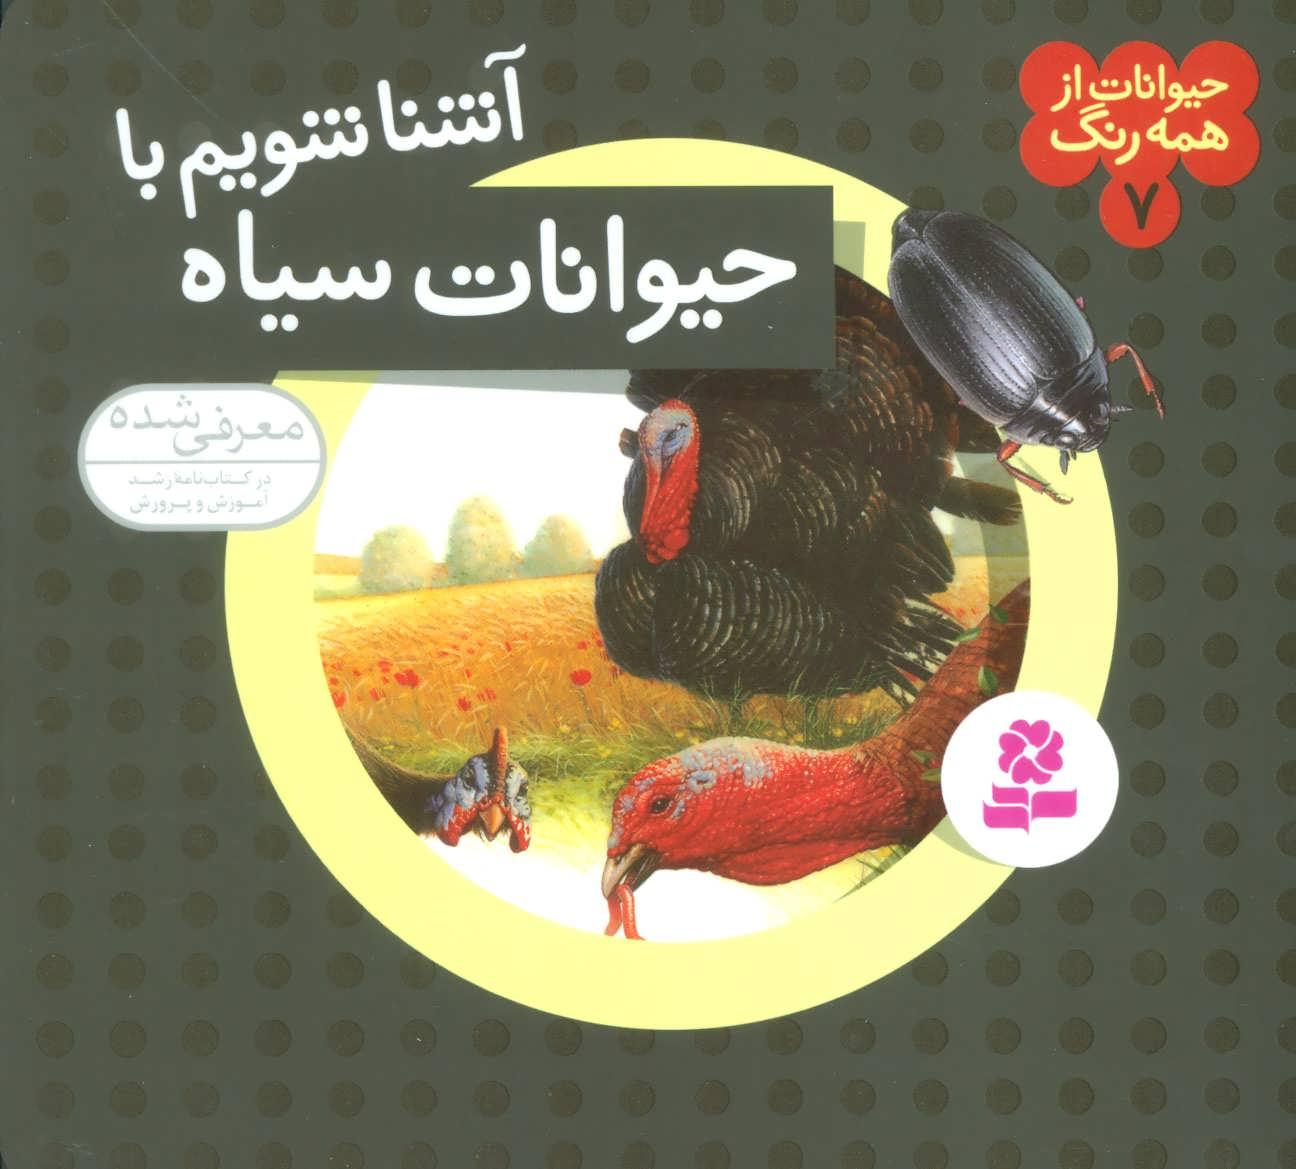 حیوانات از همه رنگ 7 (آشنا شویم با حیوانات سیاه)،(گلاسه)